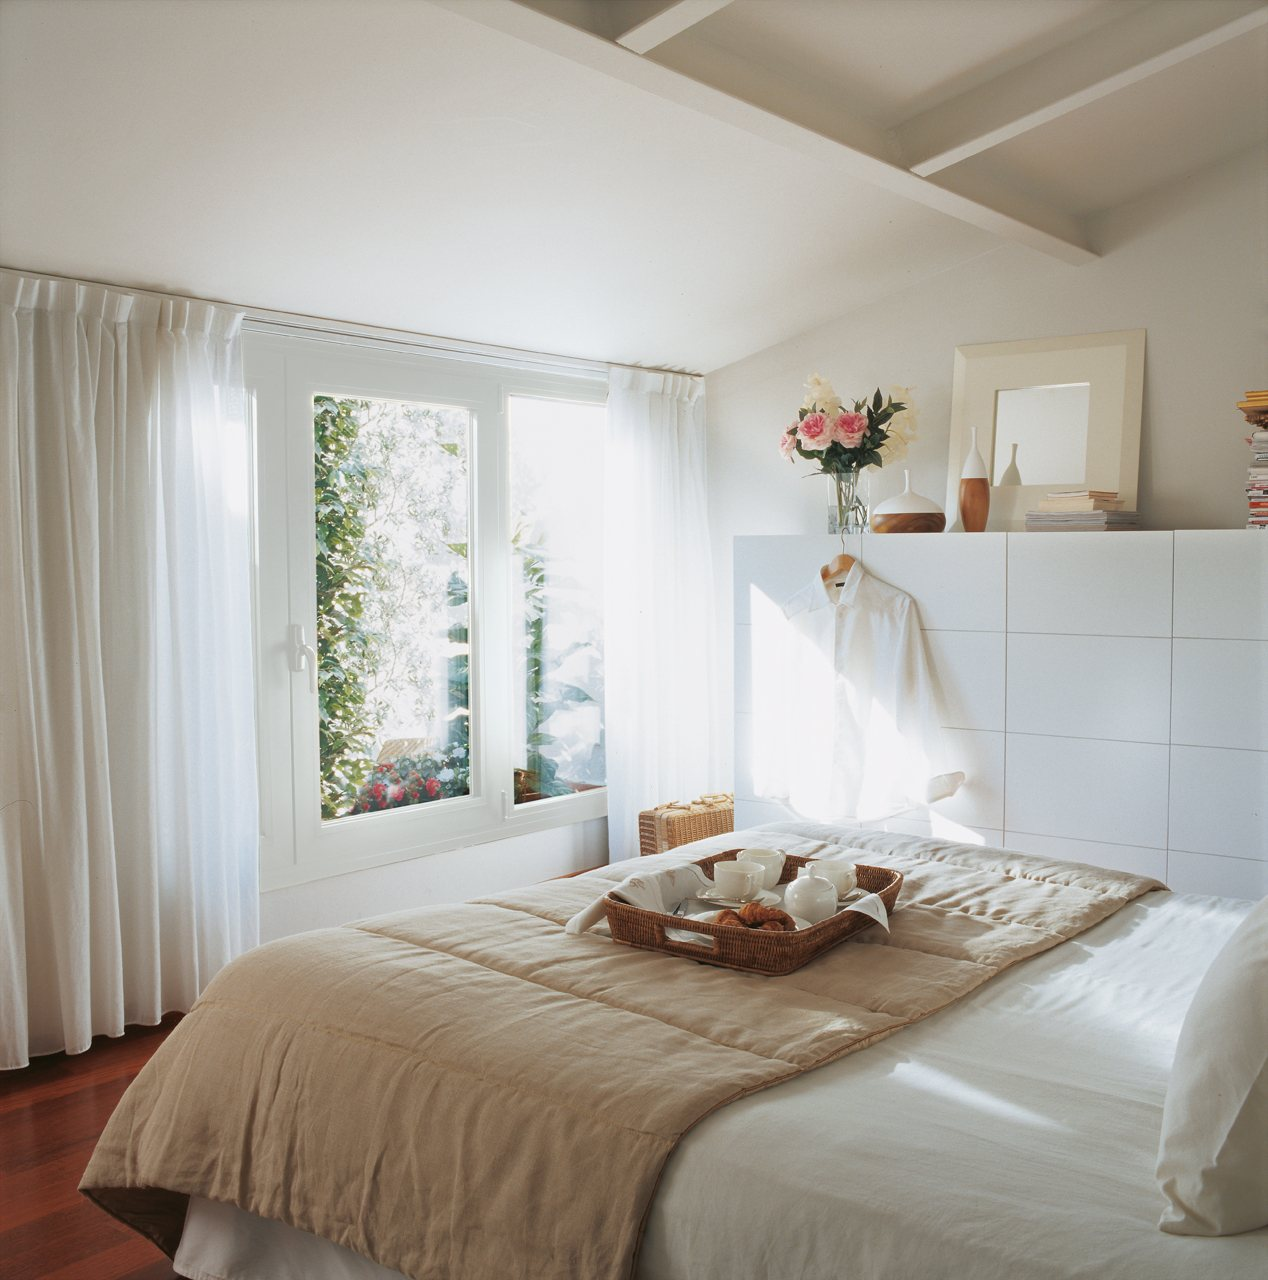 M s espacio para guardar en el dormitorio - Armarios para dormitorios pequenos ...